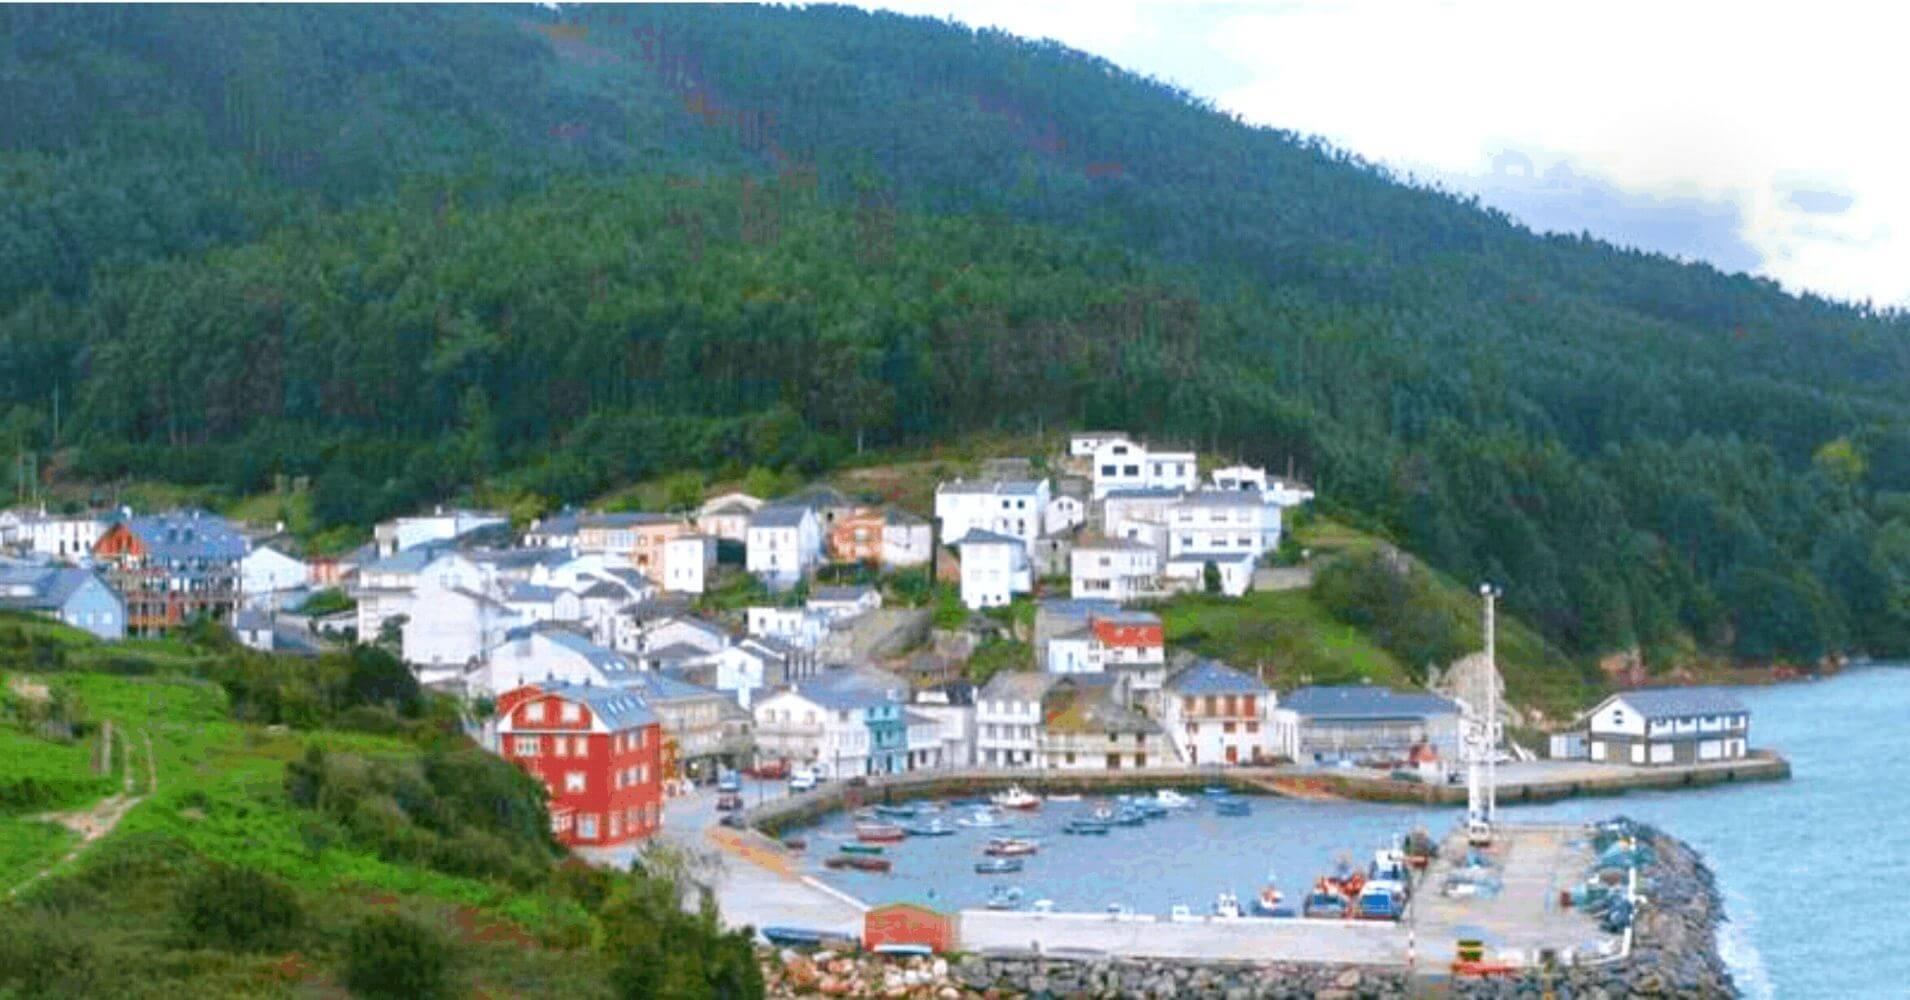 O Baqueiro. A Coruña, Galicia.